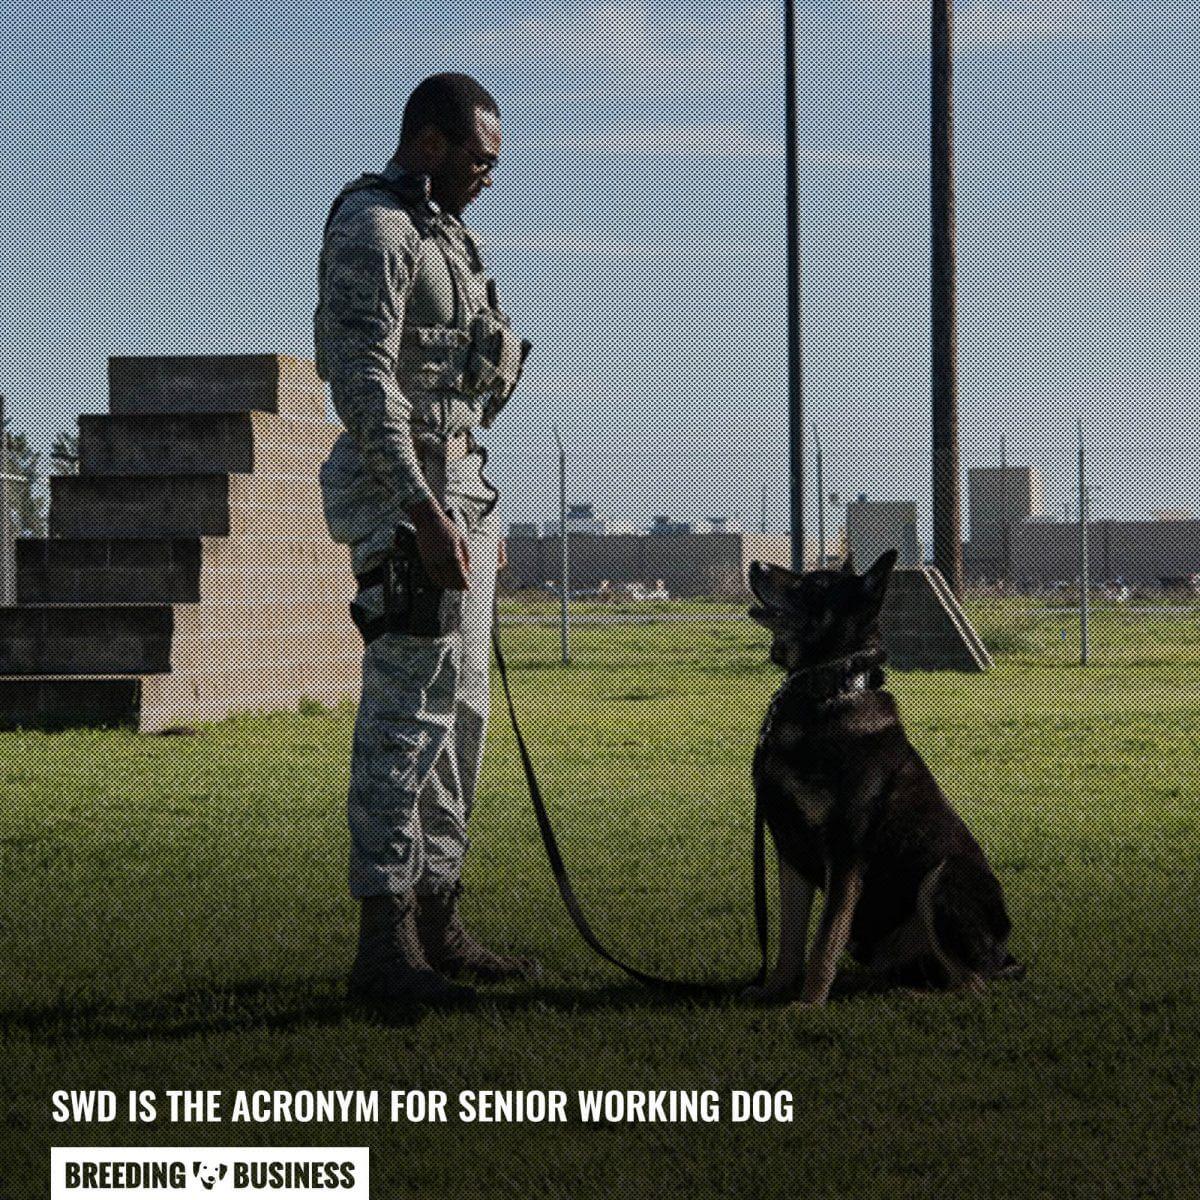 senior working dog acronym